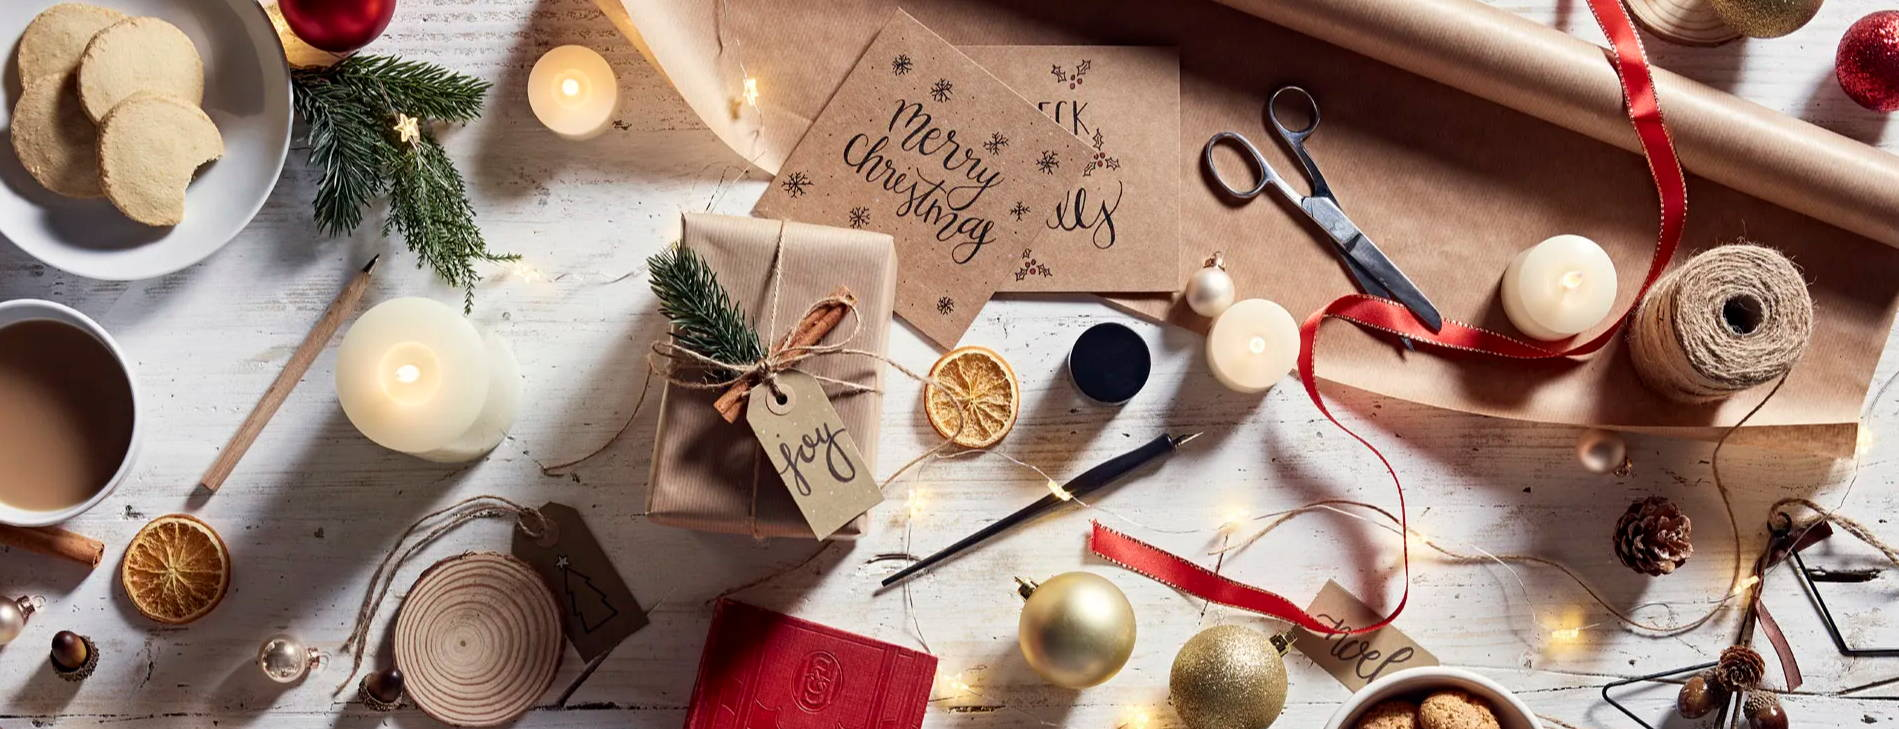 Eingepacktes Geschenk, Verpackungsmaterialien, LED Kerzen, Heißgetränk und Kekse auf einem Tisch